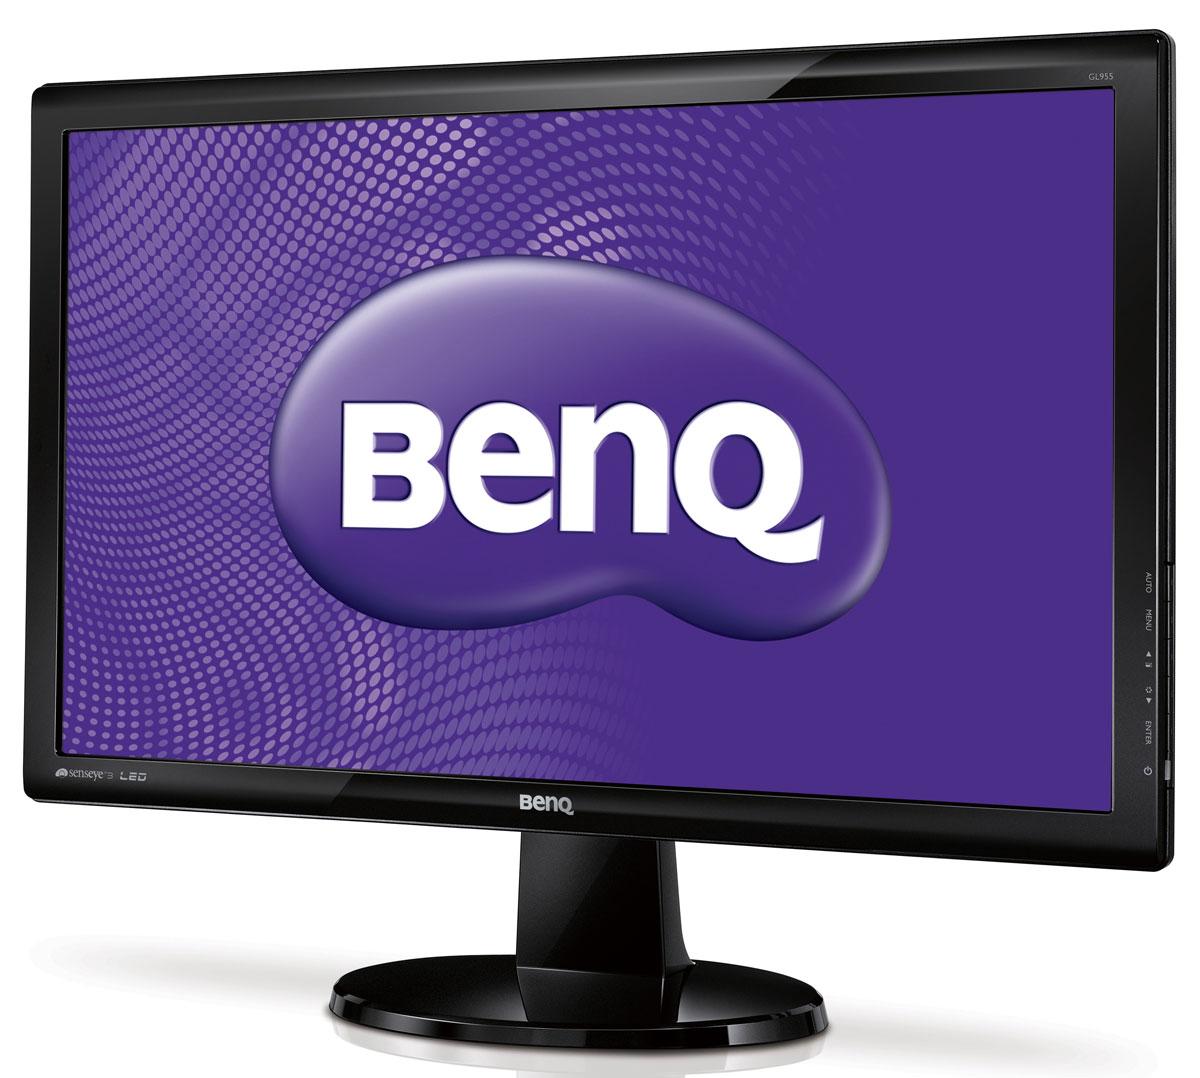 BenQ GL955A, Glossy Black монитор9H.L94LA.T8E /9H.L94LB.Q8EДобавьте ярких красок в вашу жизнь с монитором BenQ GL955A.Преимущества LED подсветки:Использование в мониторах LED подсветки дает ощутимые преимущества по сравнению с обычно используемой CCFL подсветкой. Эти преимущества включают наряду с высоким уровнем динамической контрастности, отсутствием белесой засветки и мерцания, также и снижение вредных выбросов в атмосферу при производстве мониторов и их переработке.Потрясающий уровень динамической контрастности:Уровень динамической контрастности монитора GL955A составляет 12 000 000:1, что позволяет кардинально улучшить качество изображения и увидеть даже мельчайшие детали в самых темных и сложных визуальных сценах. Все оттенки - от самого черного до самого белого - передаются с потрясающей четкостью, создавая по-настоящему насыщенное изображение.Технология Senseye:Благодаря эксклюзивной технологии BenQ Senseye, которая позволяет настроить изображение по 6 параметрам, монитор BenQ GL955A обеспечивает отображение живых, насыщенных цветов. Пять предустановленных режимов отображения (Стандартный, Кино, Игра, Фото, sRGB) помогут оптимально настроить картинку нажатием одной кнопки. Дополнительный режим Эко поможет сократить энергопотребление.Сертификация Windows 7:Монитор BenQ GL955A полностью готов для работы с новейшей операционной системой Microsoft Windows 7 и имеет соответствующий сертификат. Просто подключите монитор BenQ GL955A к ПК с установленной Windows 7 и операционная система автоматически настроит изображение для наилучшего отображения.